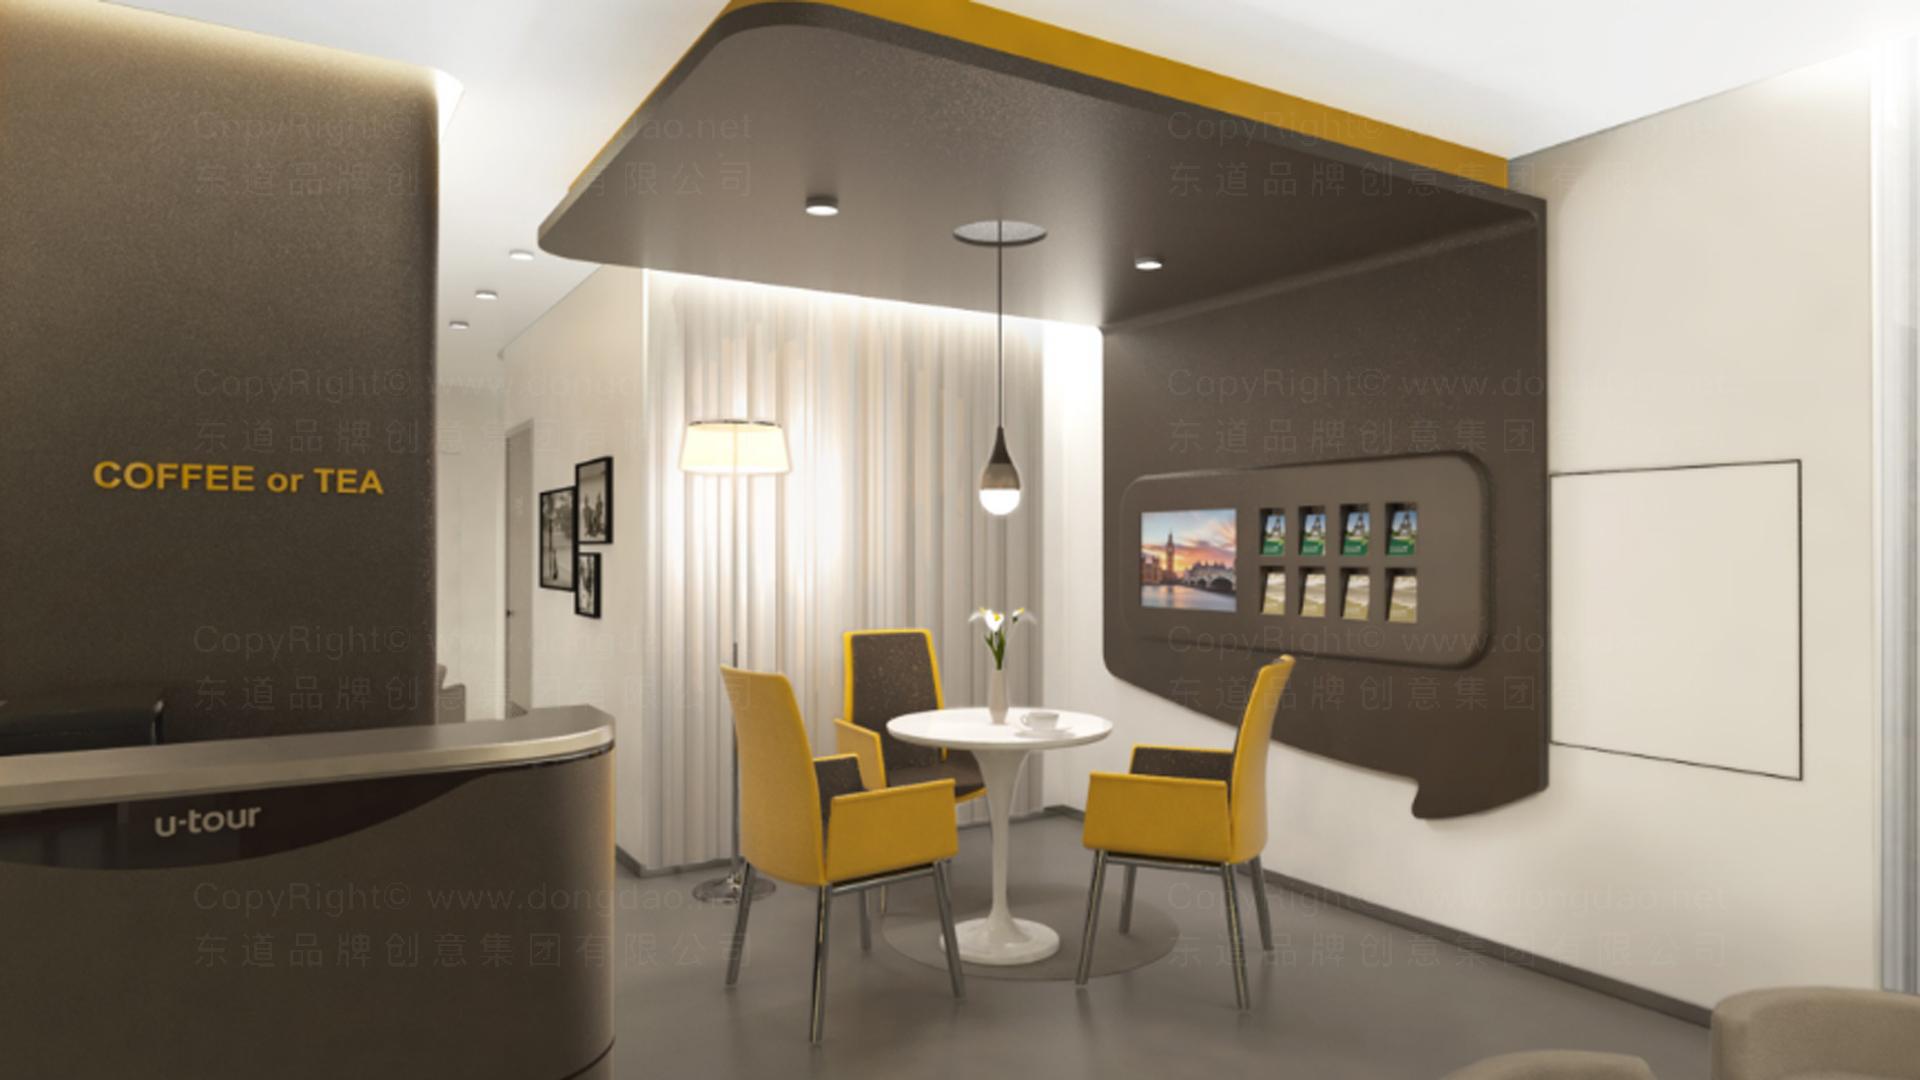 商业空间&导示众信旅游SI设计应用场景_4